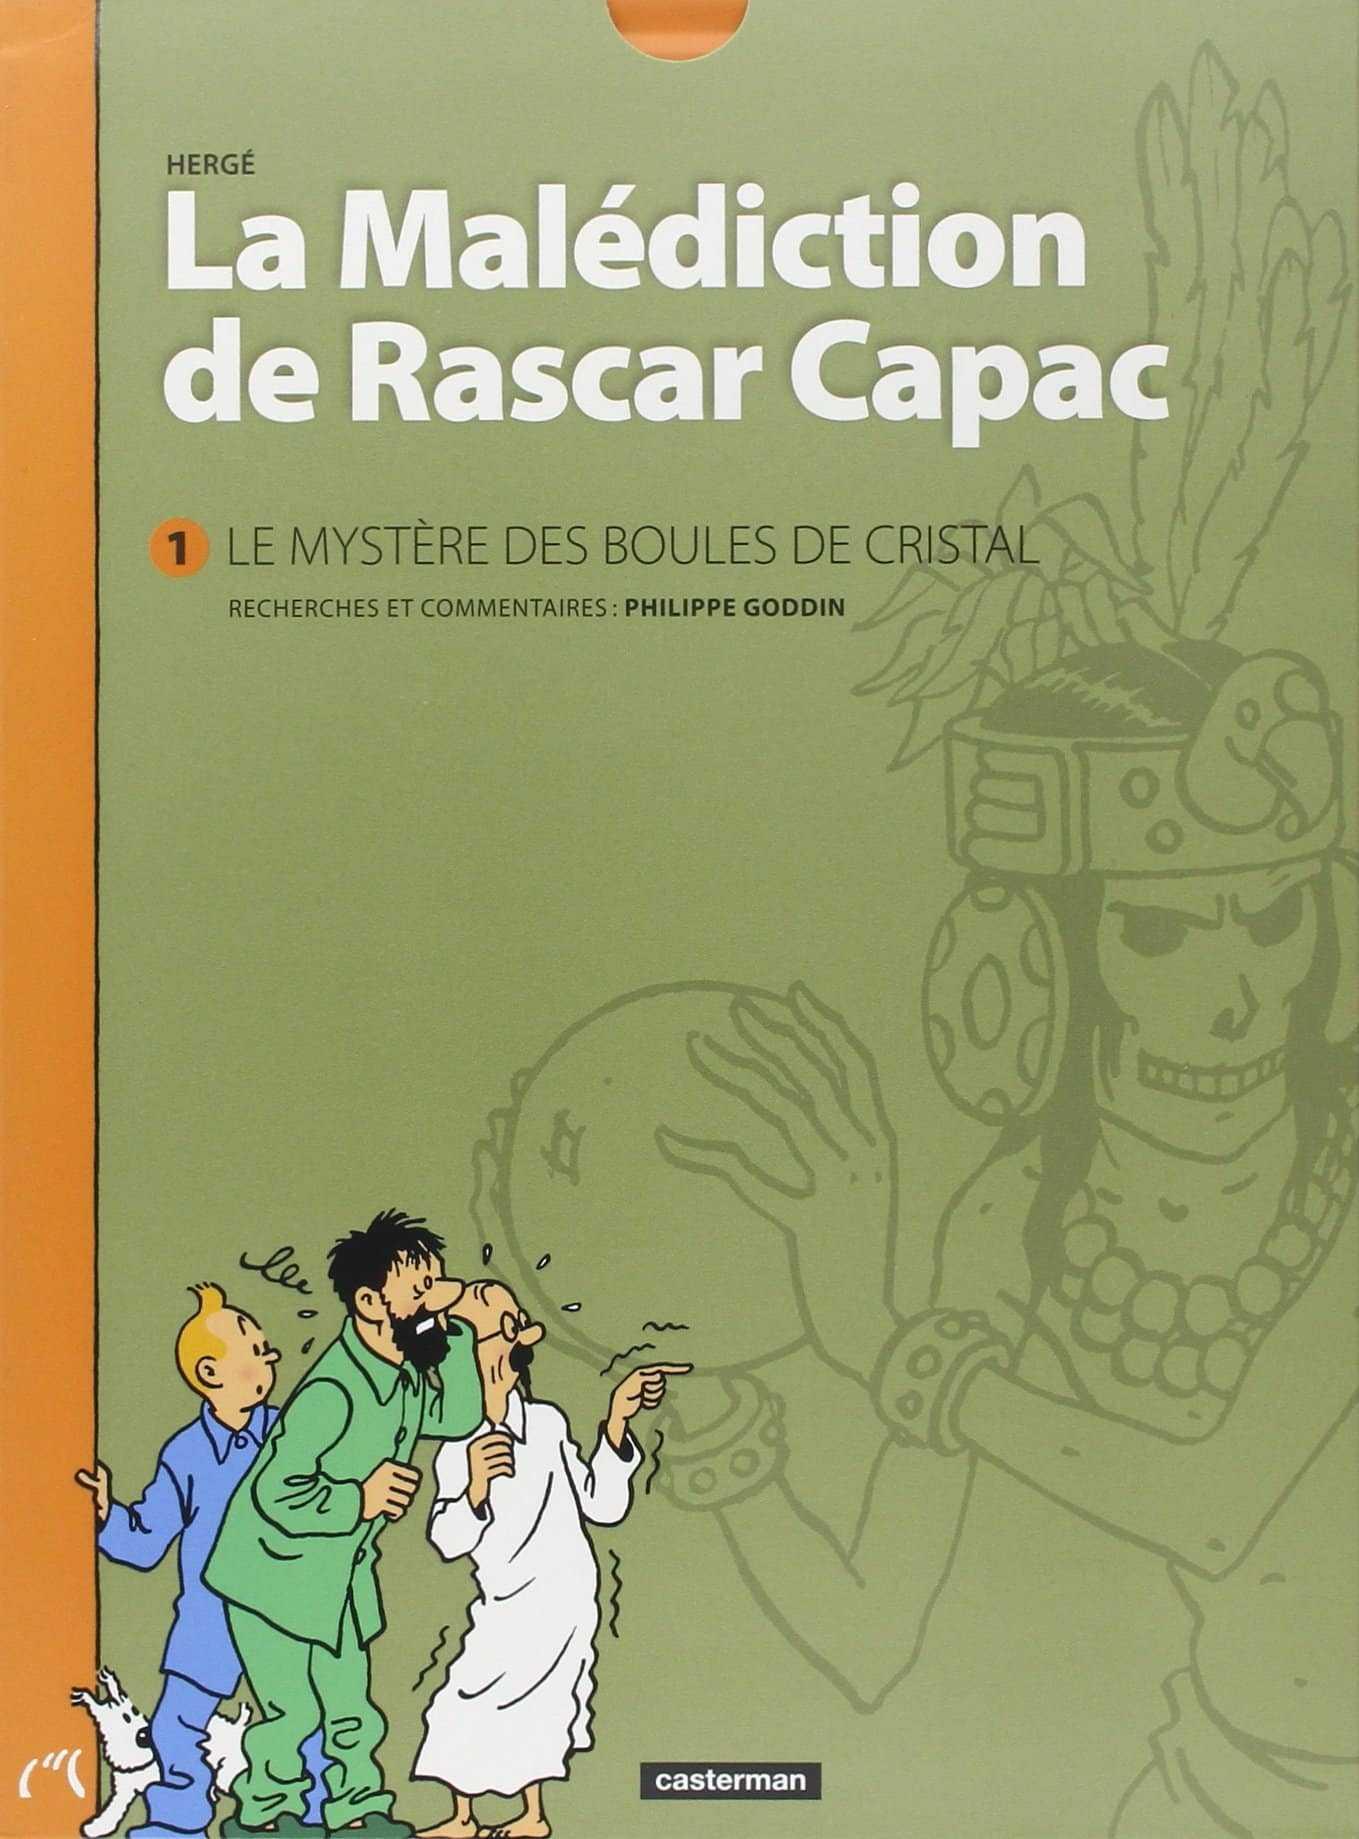 La Malédiction de Rascar Capac, la version intégrale et inédite commentée des Sept Boules de Cristal